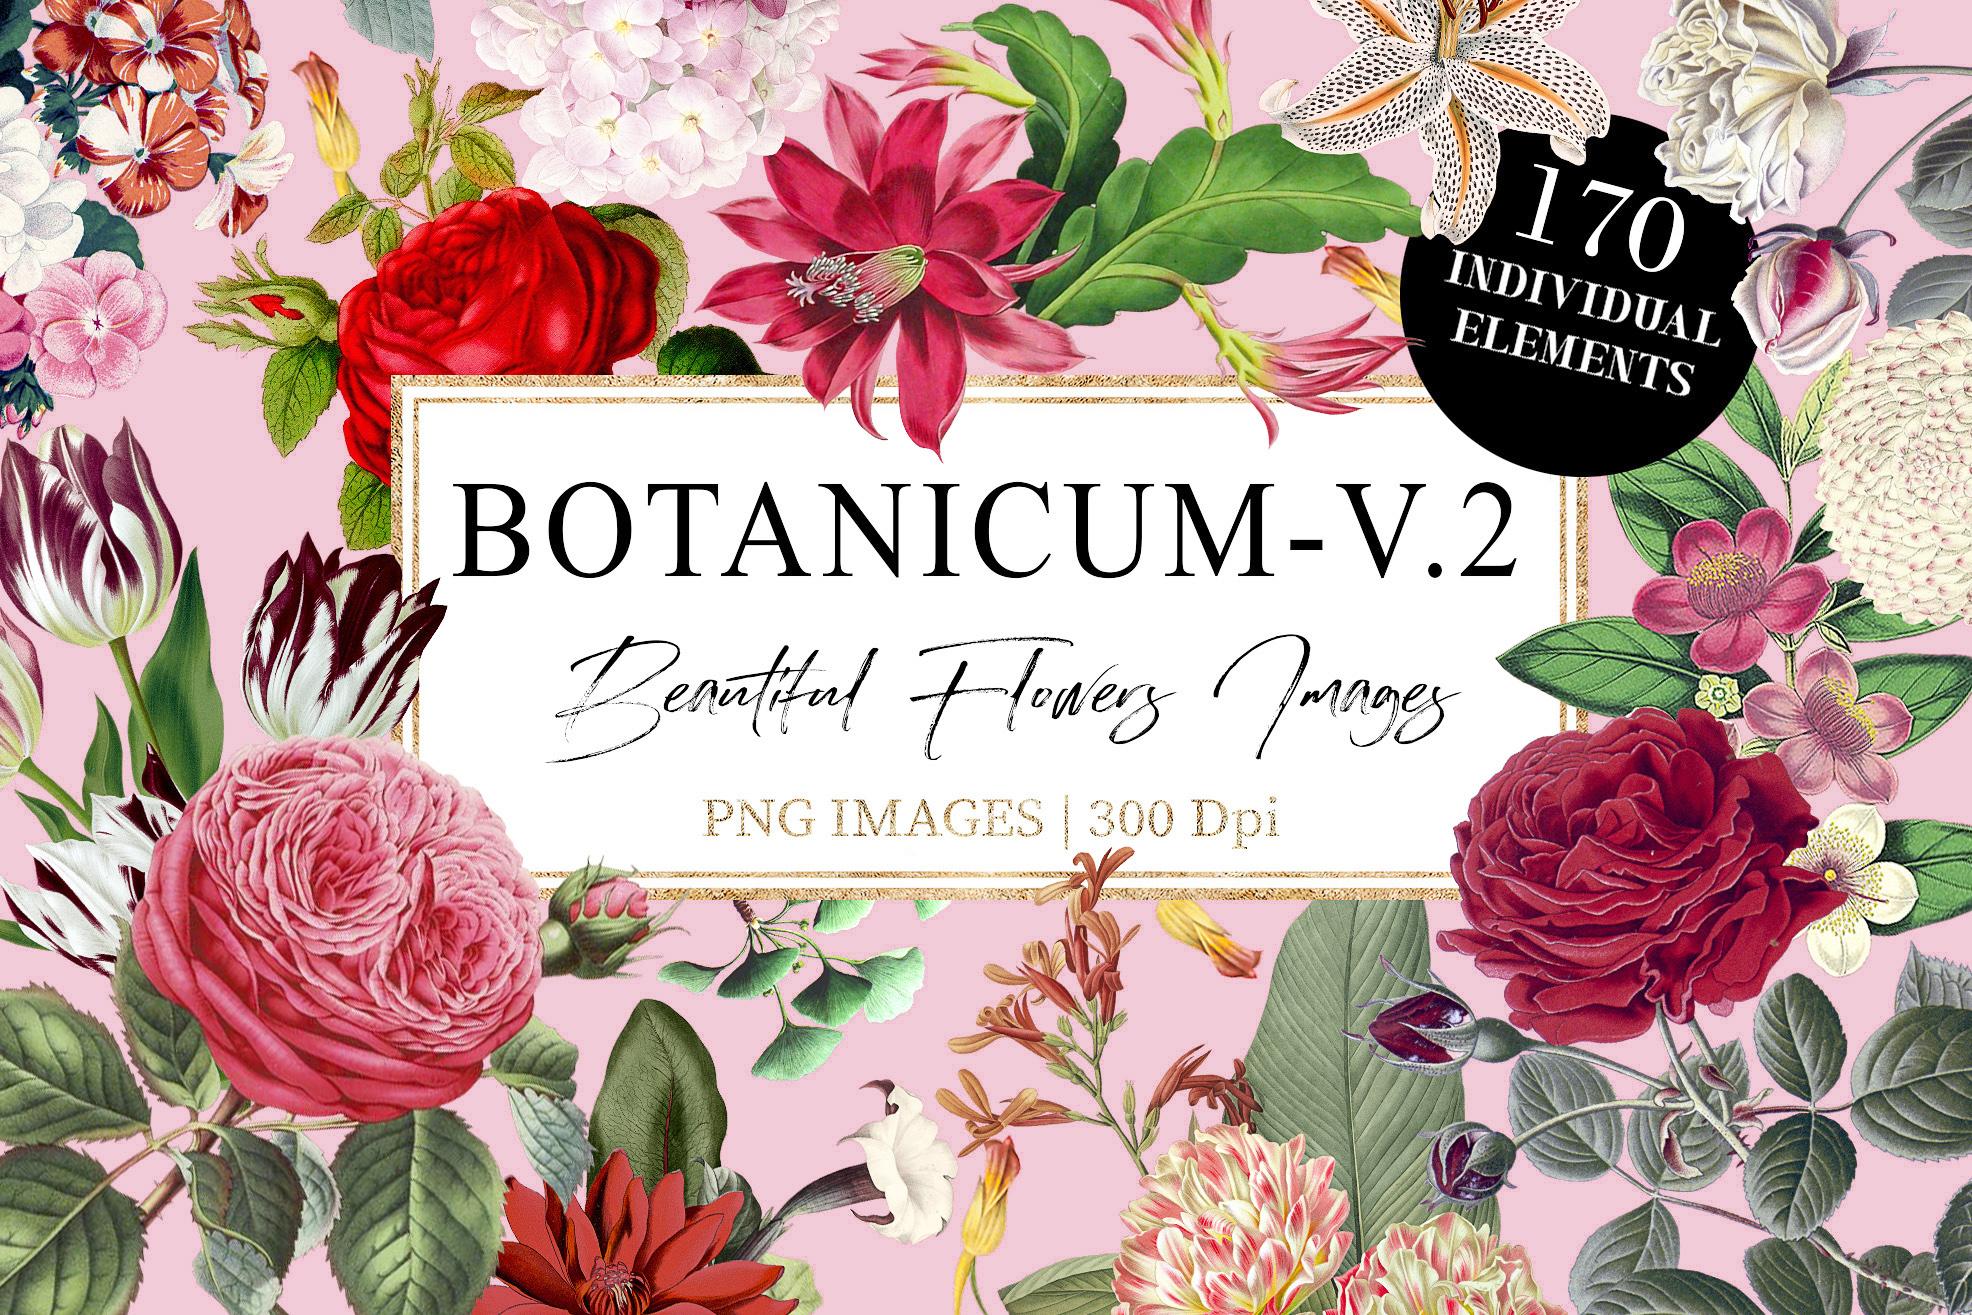 Botanicum - V.2|Elements Botanic example image 1